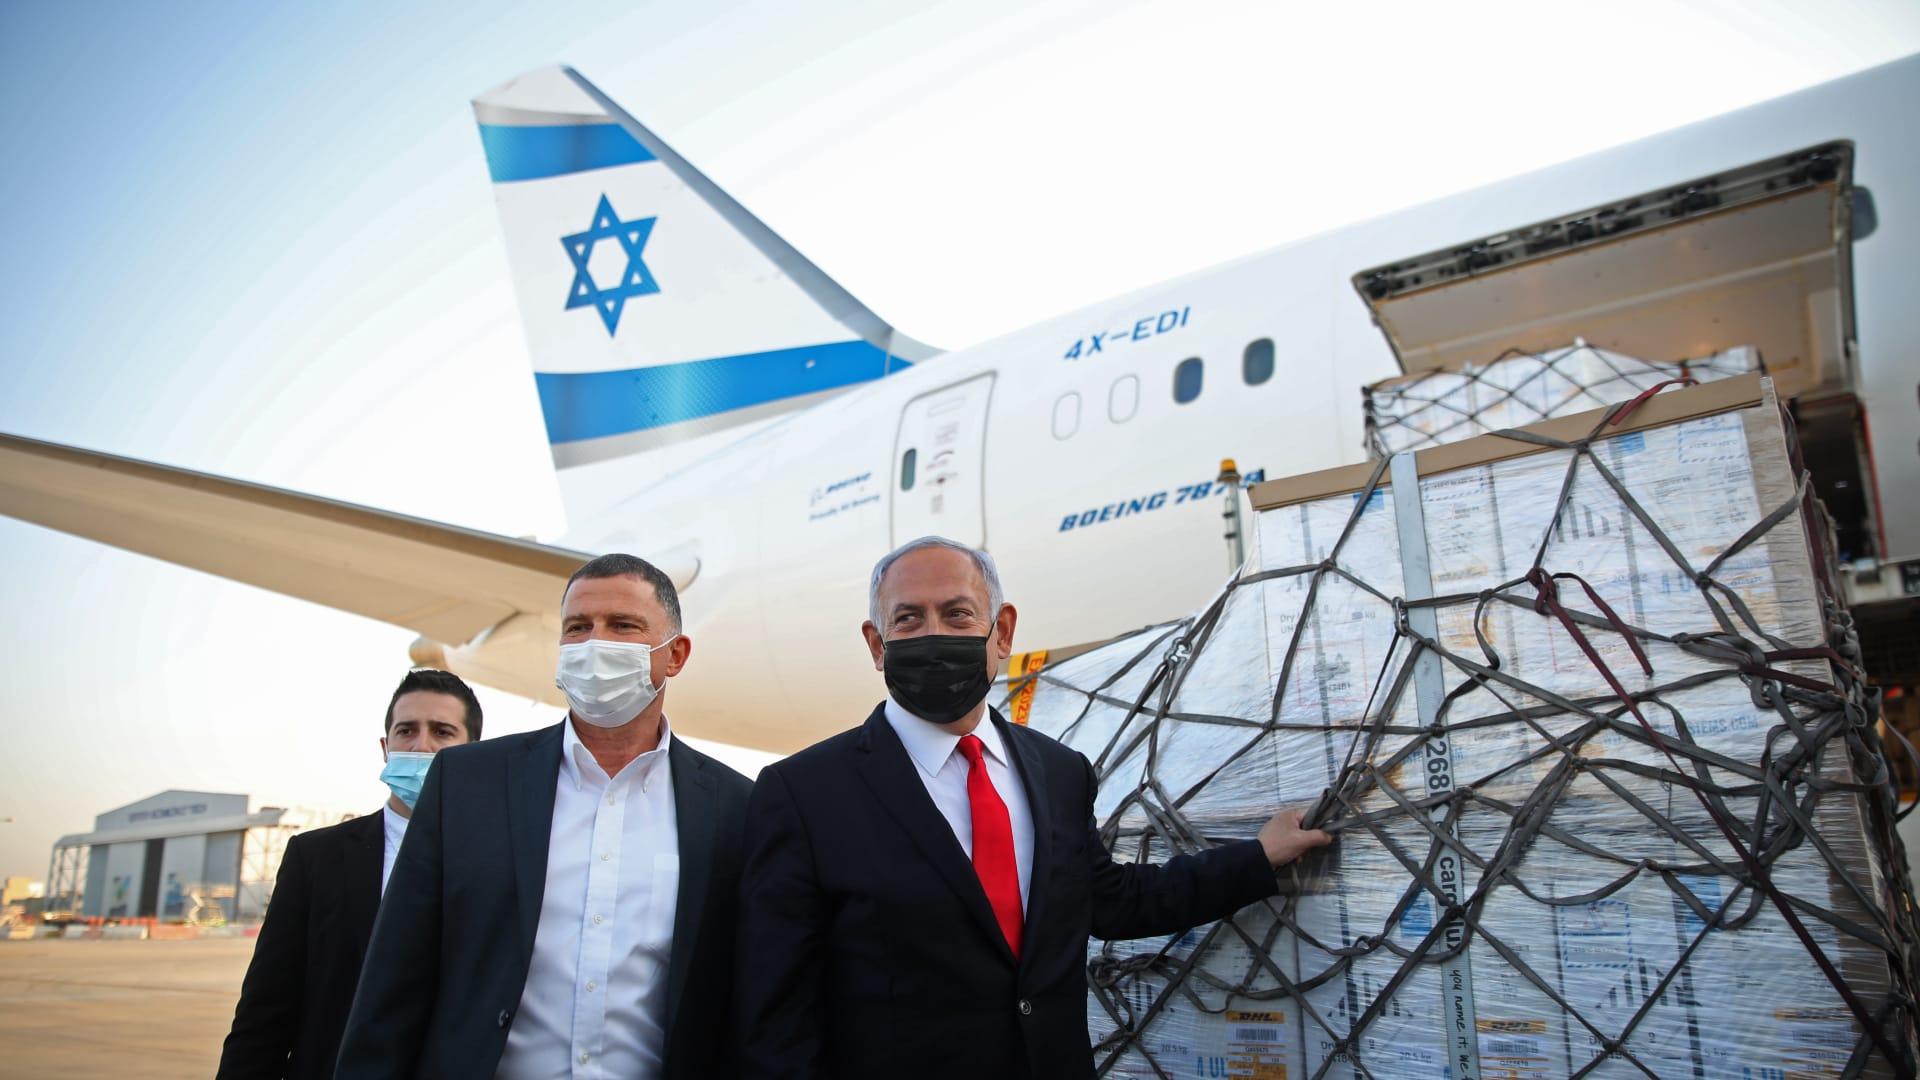 وزير الصحة الإسرائيلي: لسنا ملزمين بإمداد الضفة الغربية وقطاع غزة بلقاحات كورونا